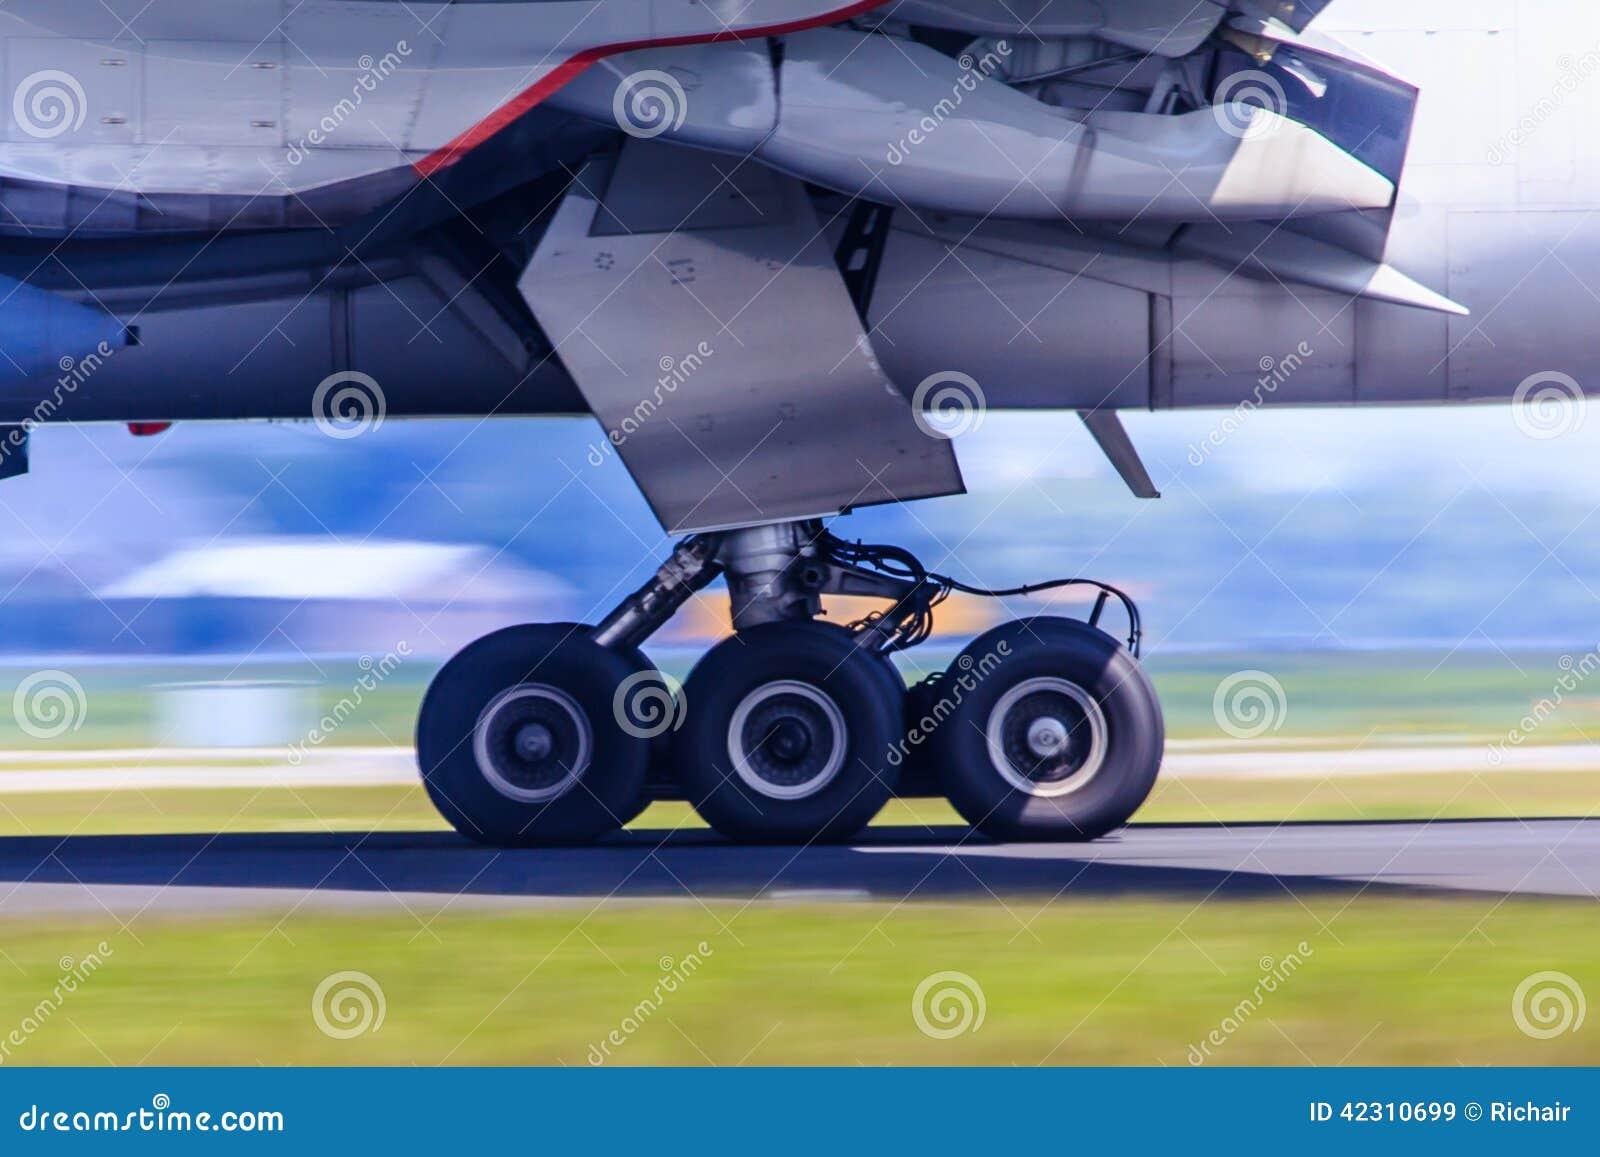 Landing gear in motion